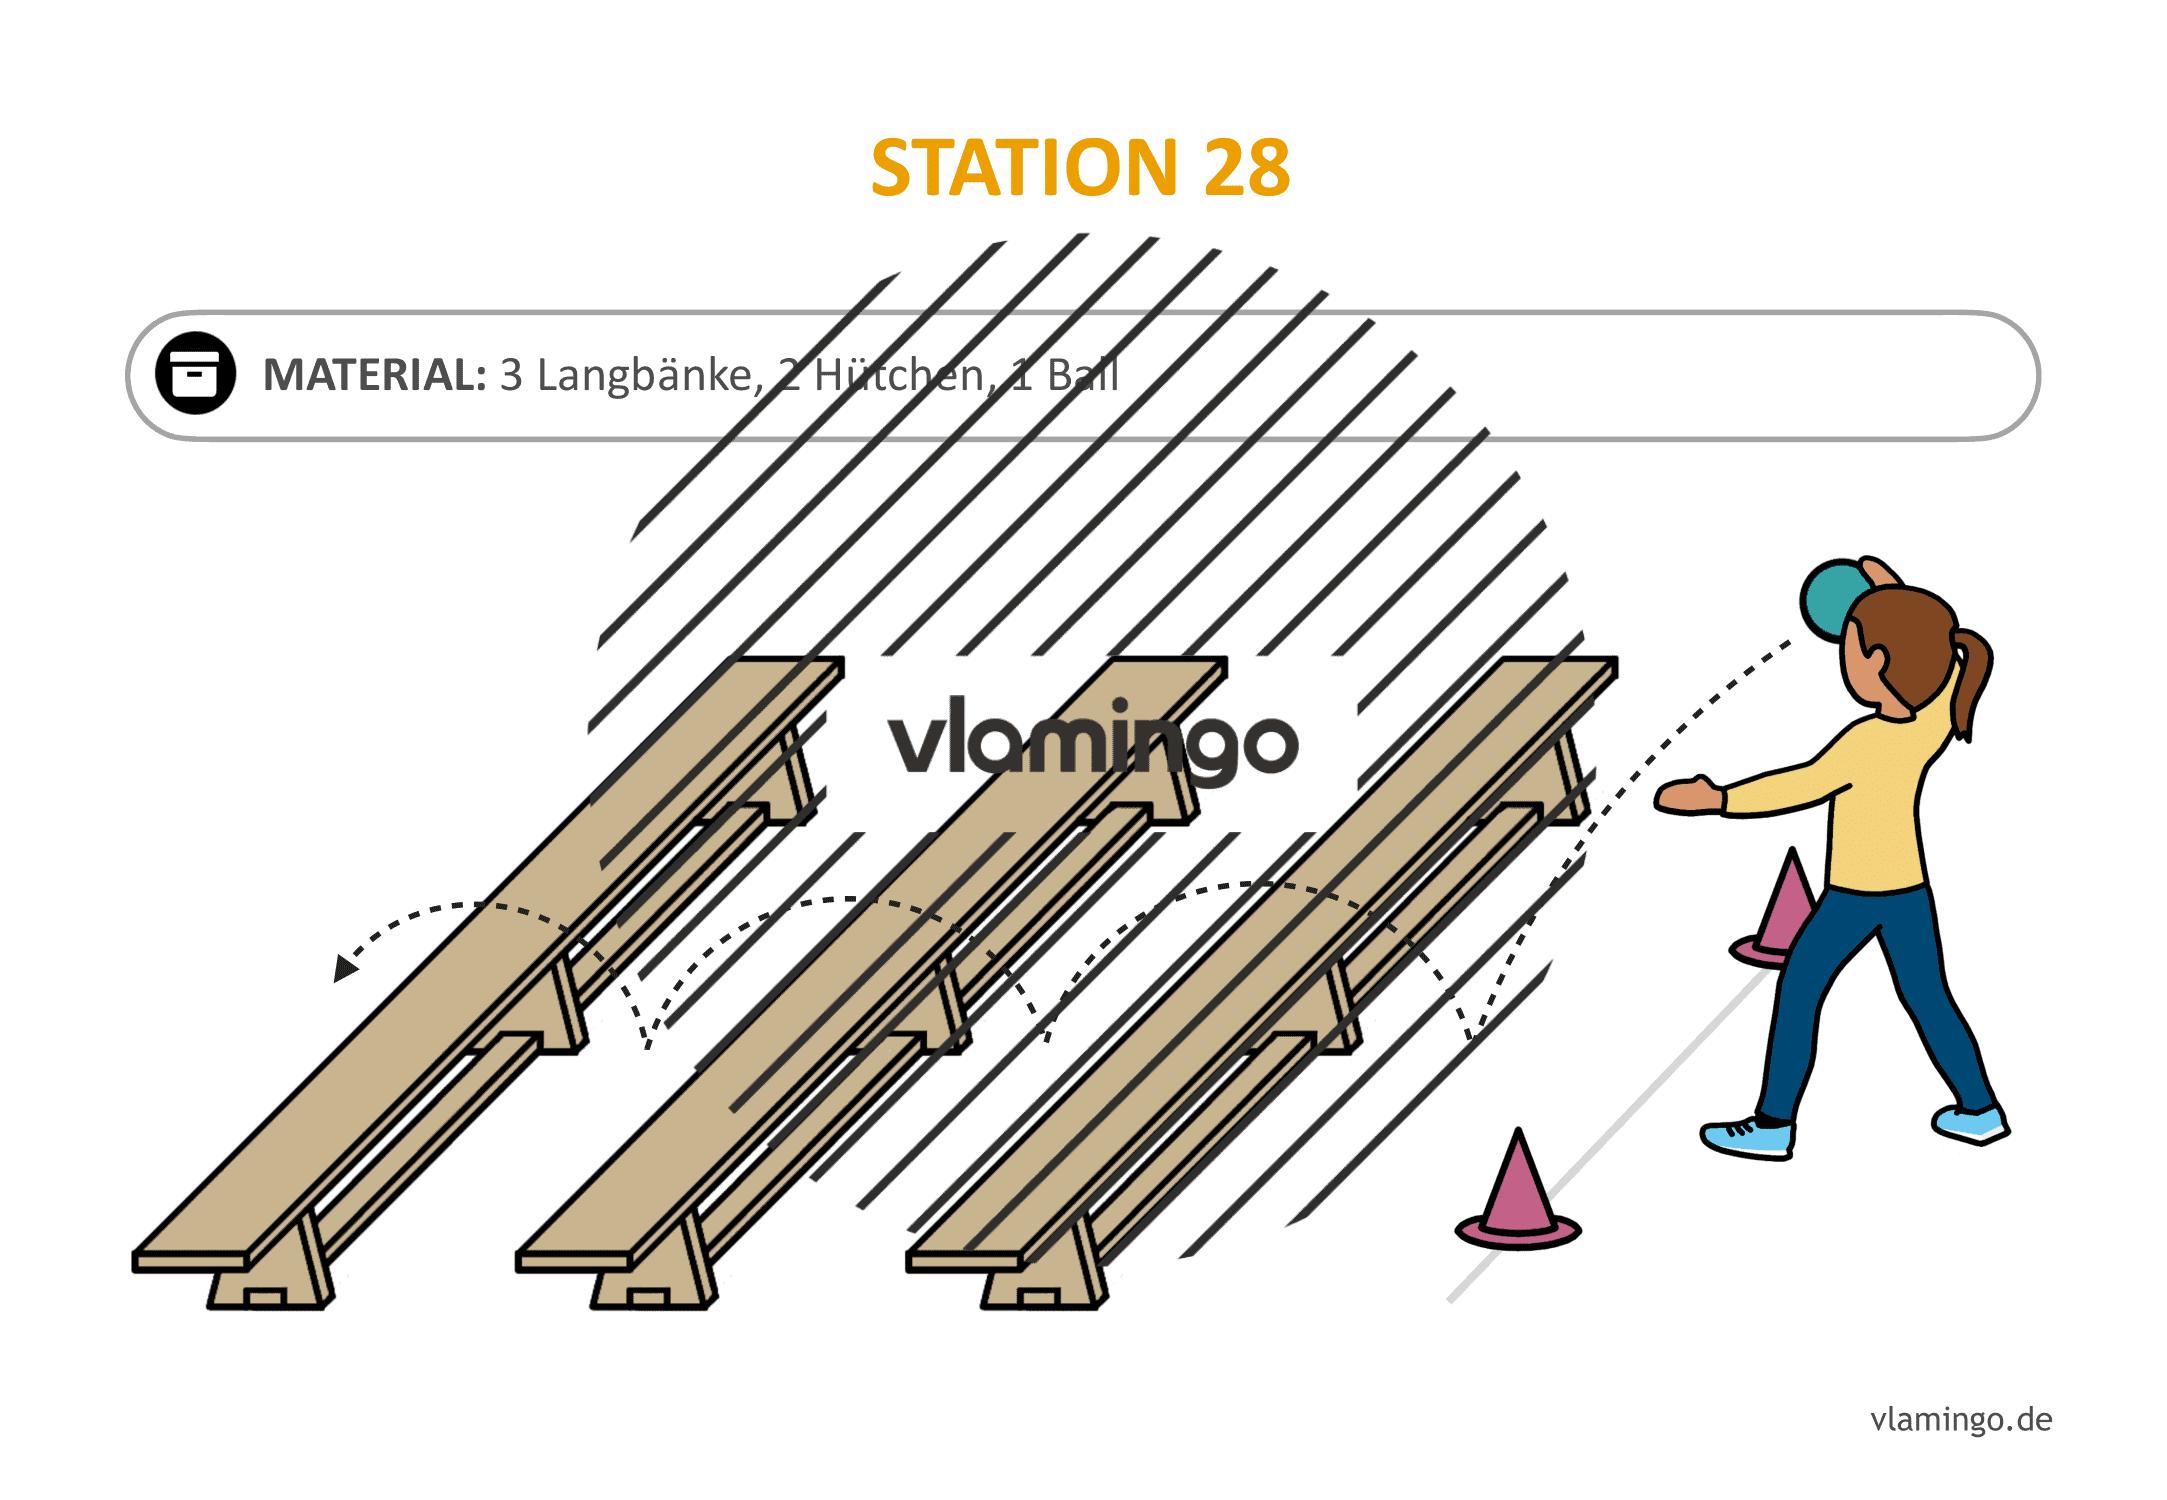 Handballgolf - Station-28